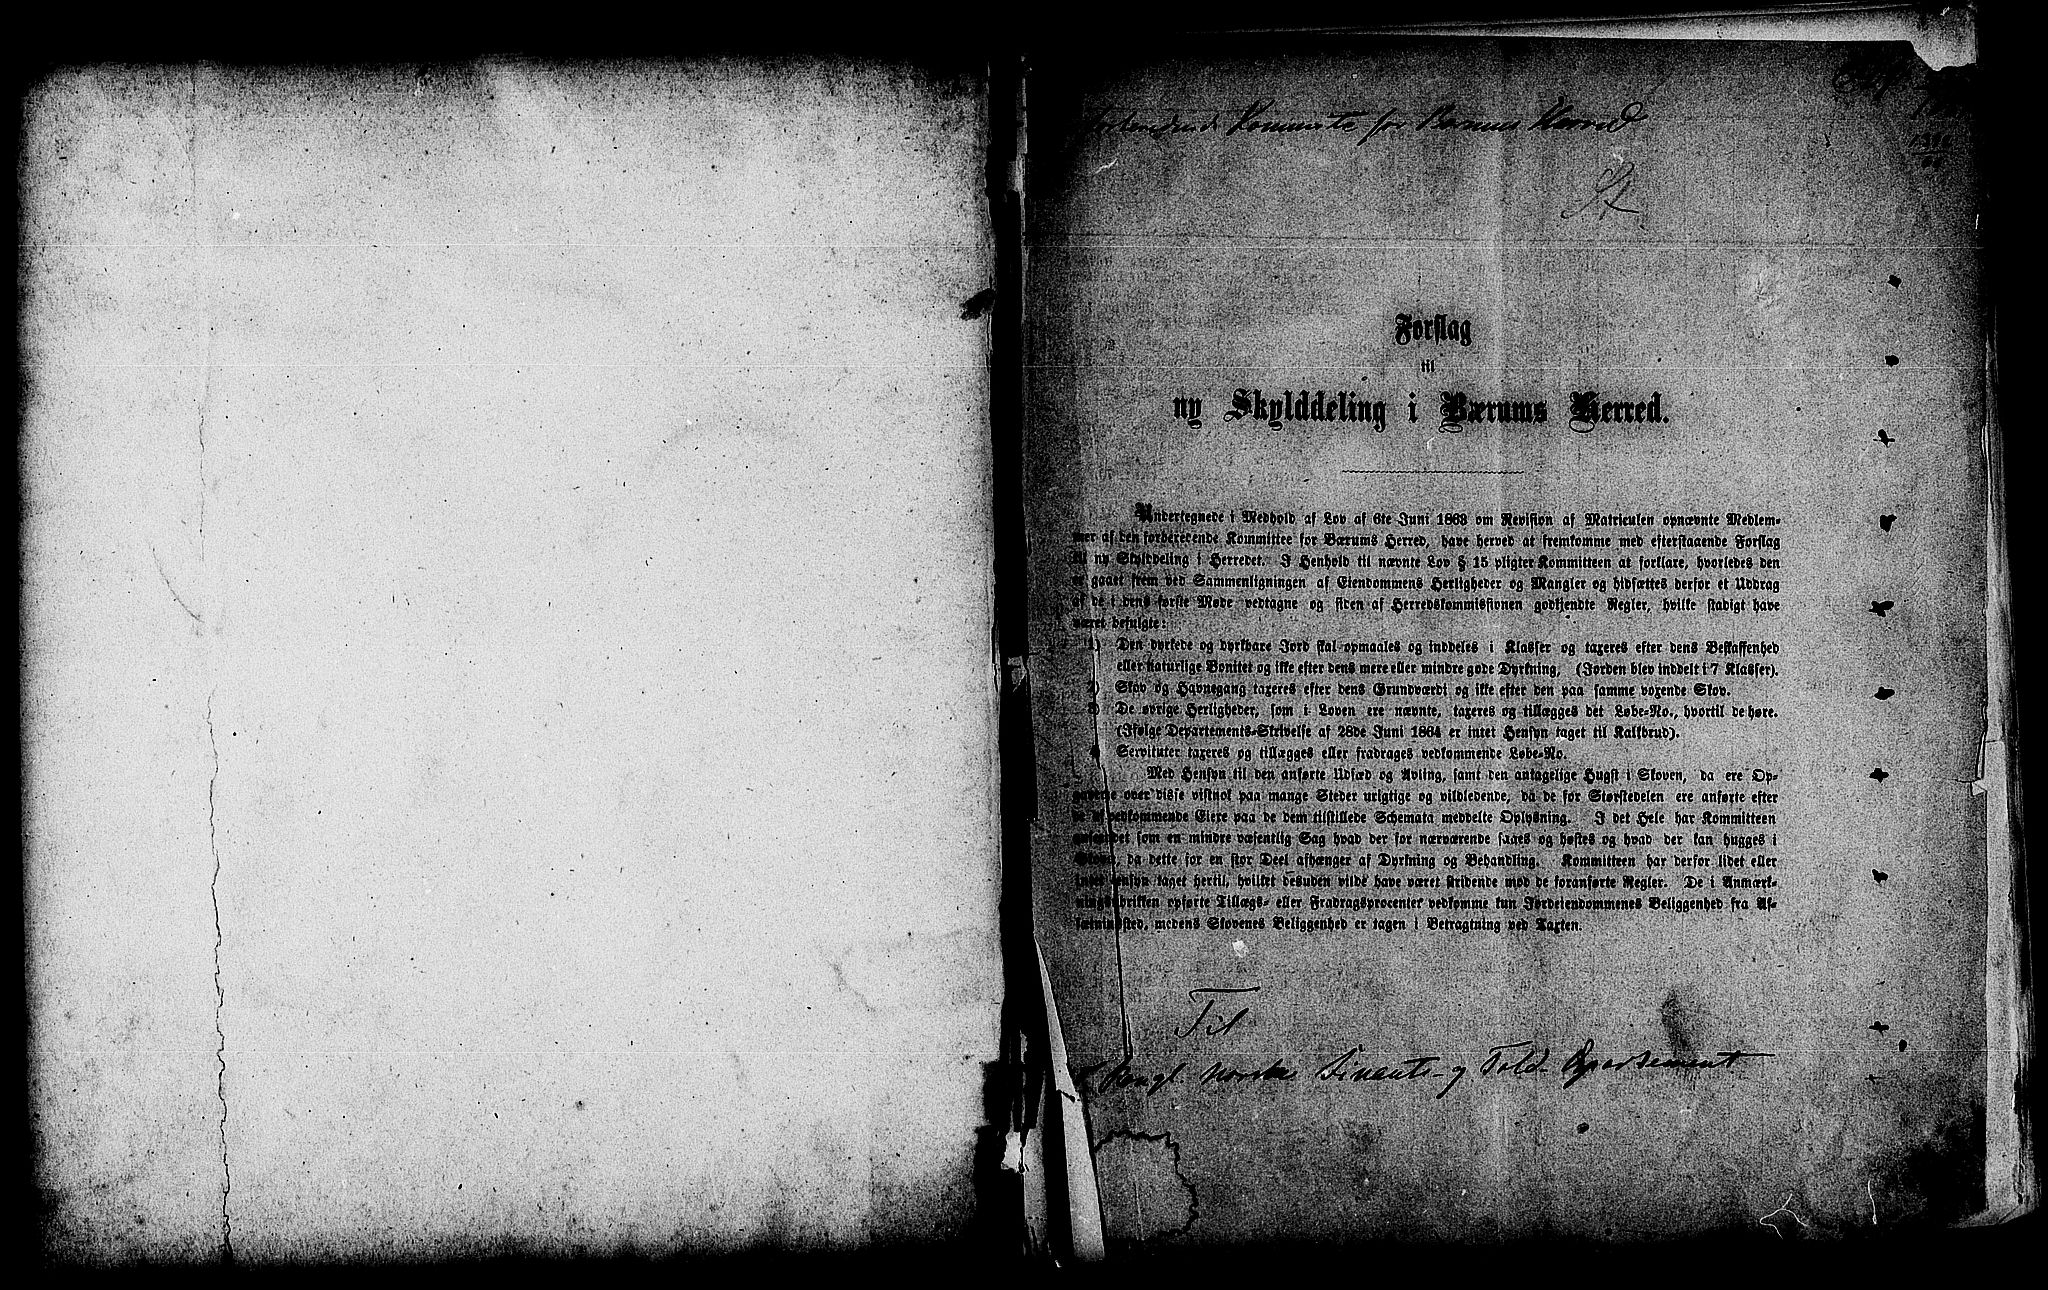 RA, Matrikkelrevisjonen av 1863, F/Fe/L0029: Bærum, 1863